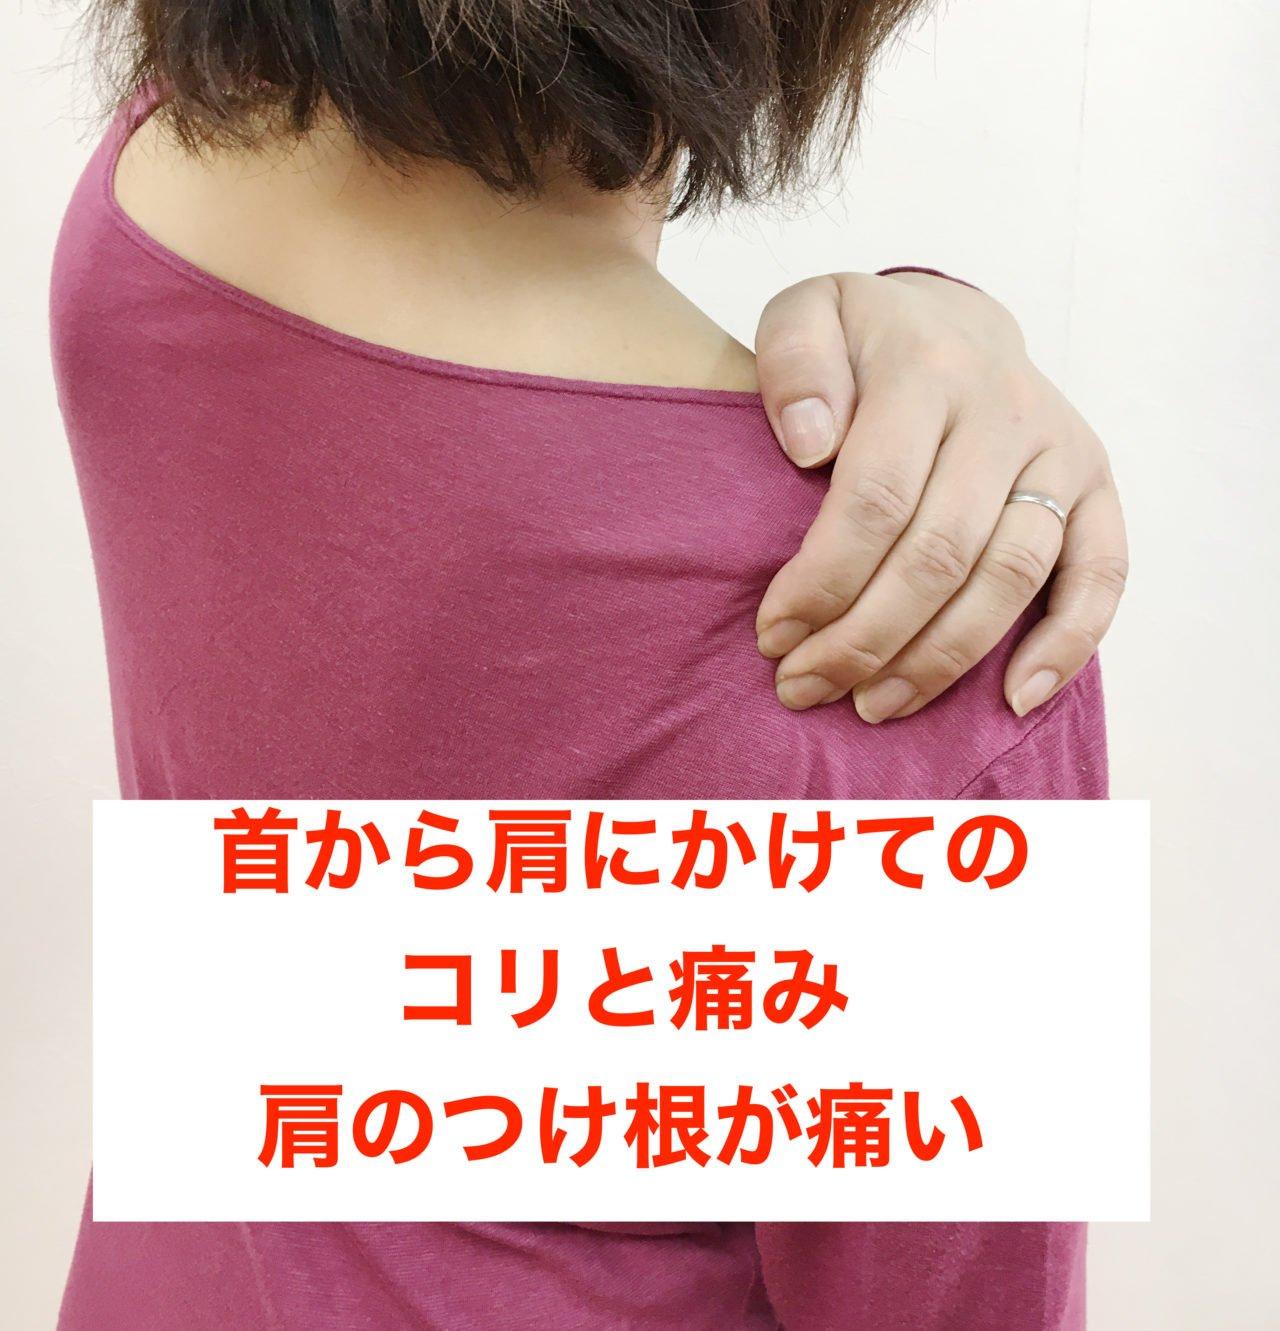 首から肩にかけてのコリと痛み、肩の付け根が痛い